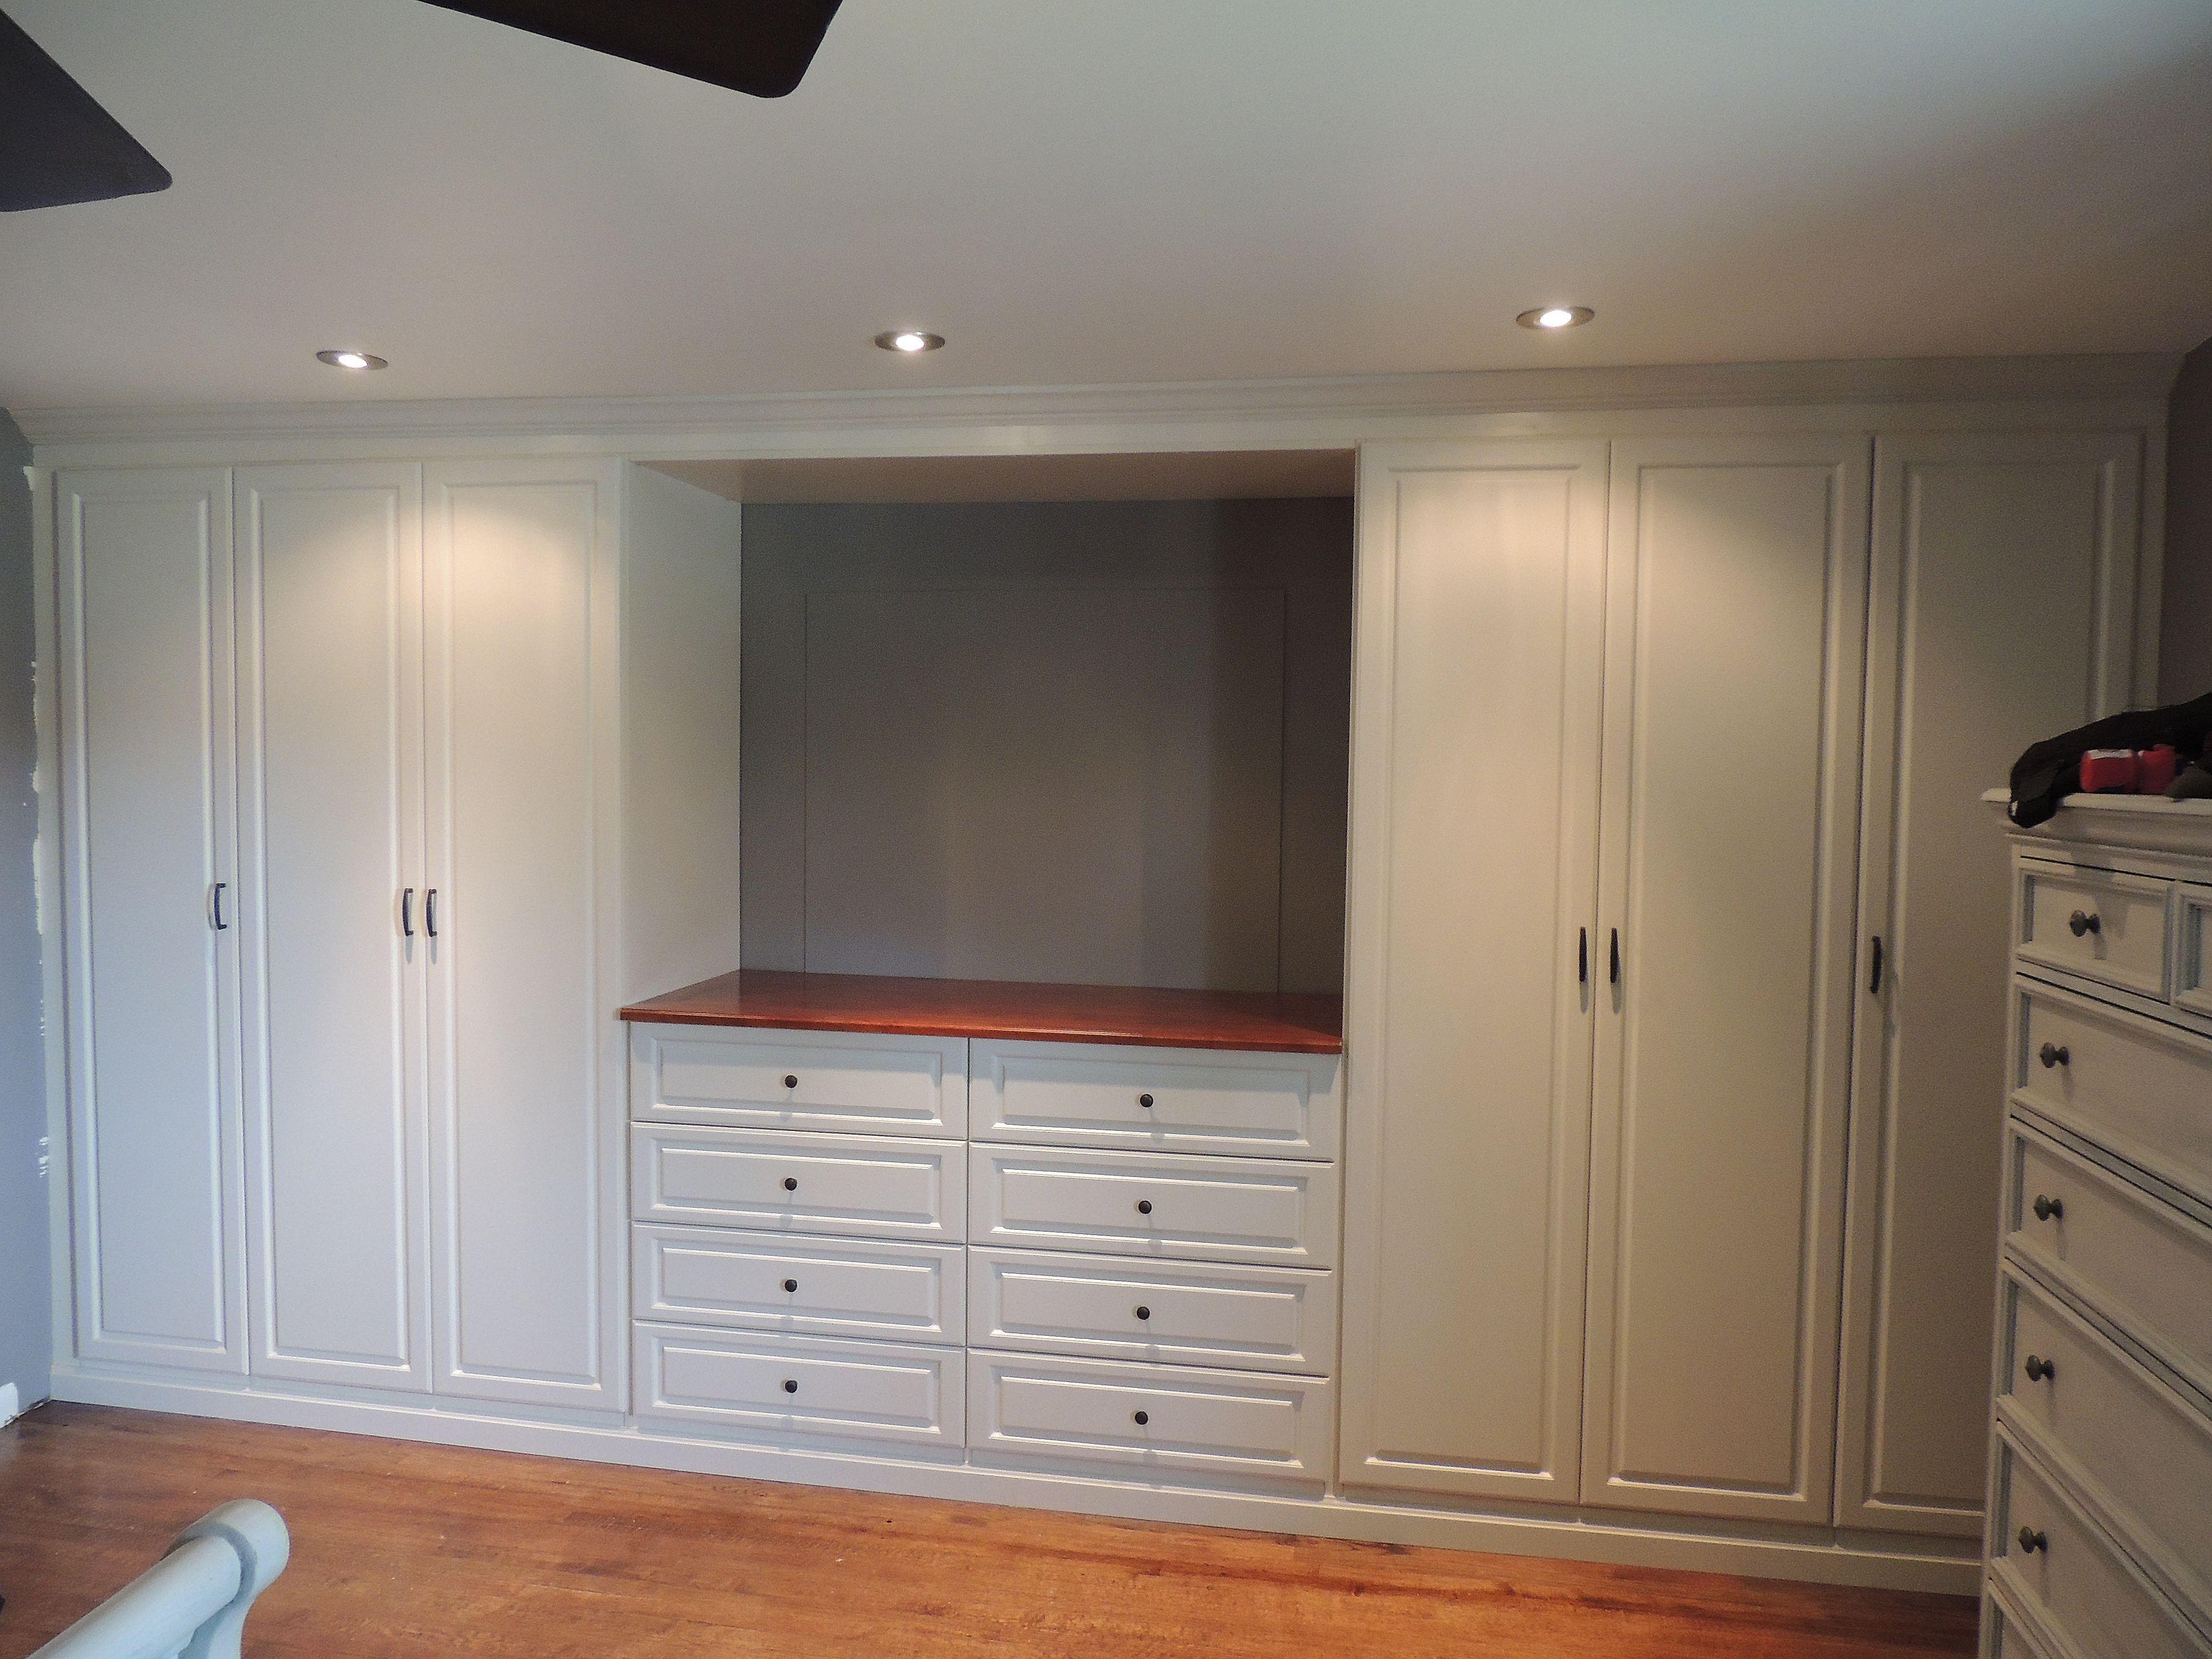 Beautiful Small Master Bedroom Ideas Bedroom Wall Units Bedroom Built Ins Build A Closet